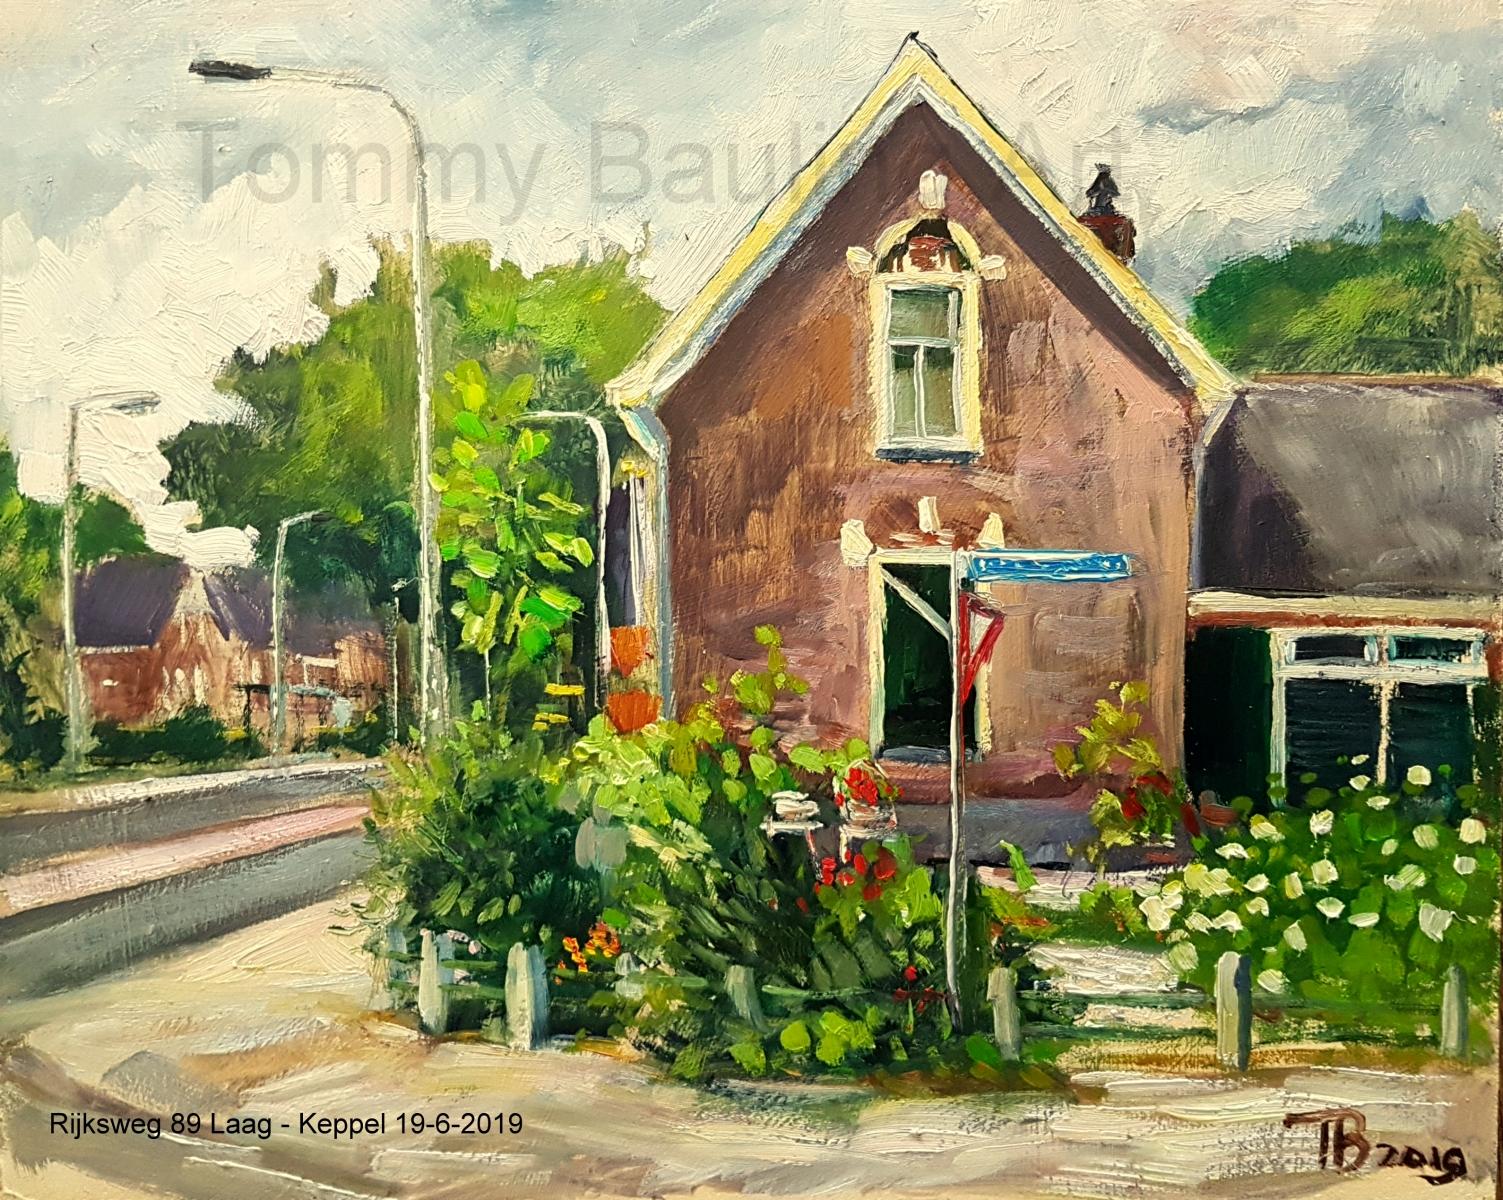 Laag-Keppel Rijksweg 89 - Tommy Bauling